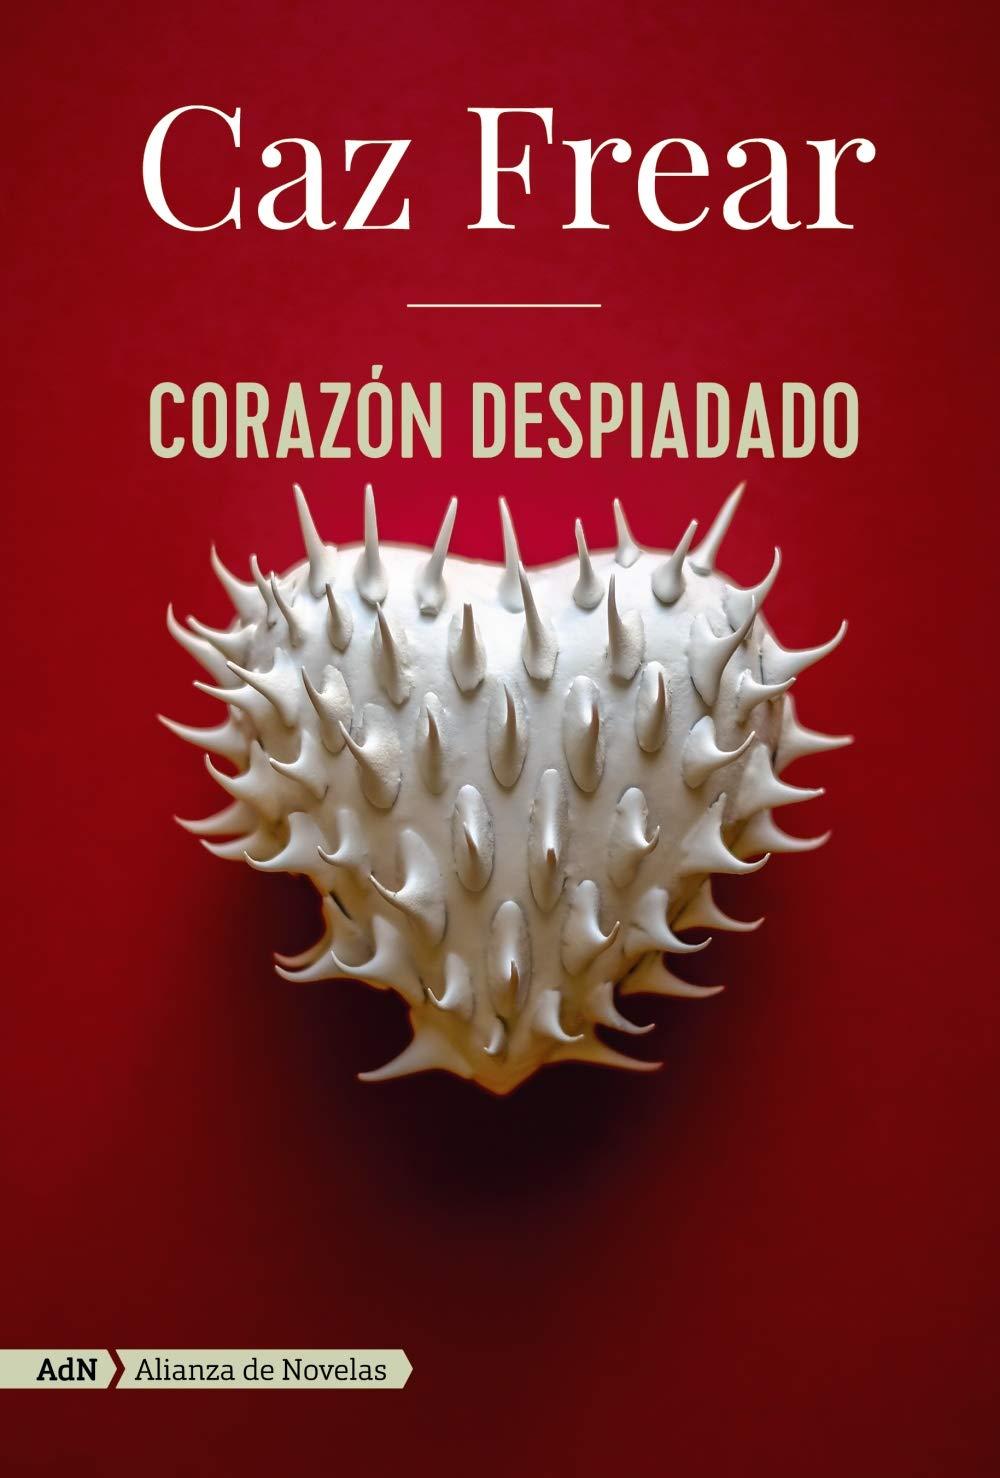 Corazón despiadado (AdN) (AdN Alianza de Novelas): Amazon.es: Frear, Caz, Martín Sanz, Cristina: Libros